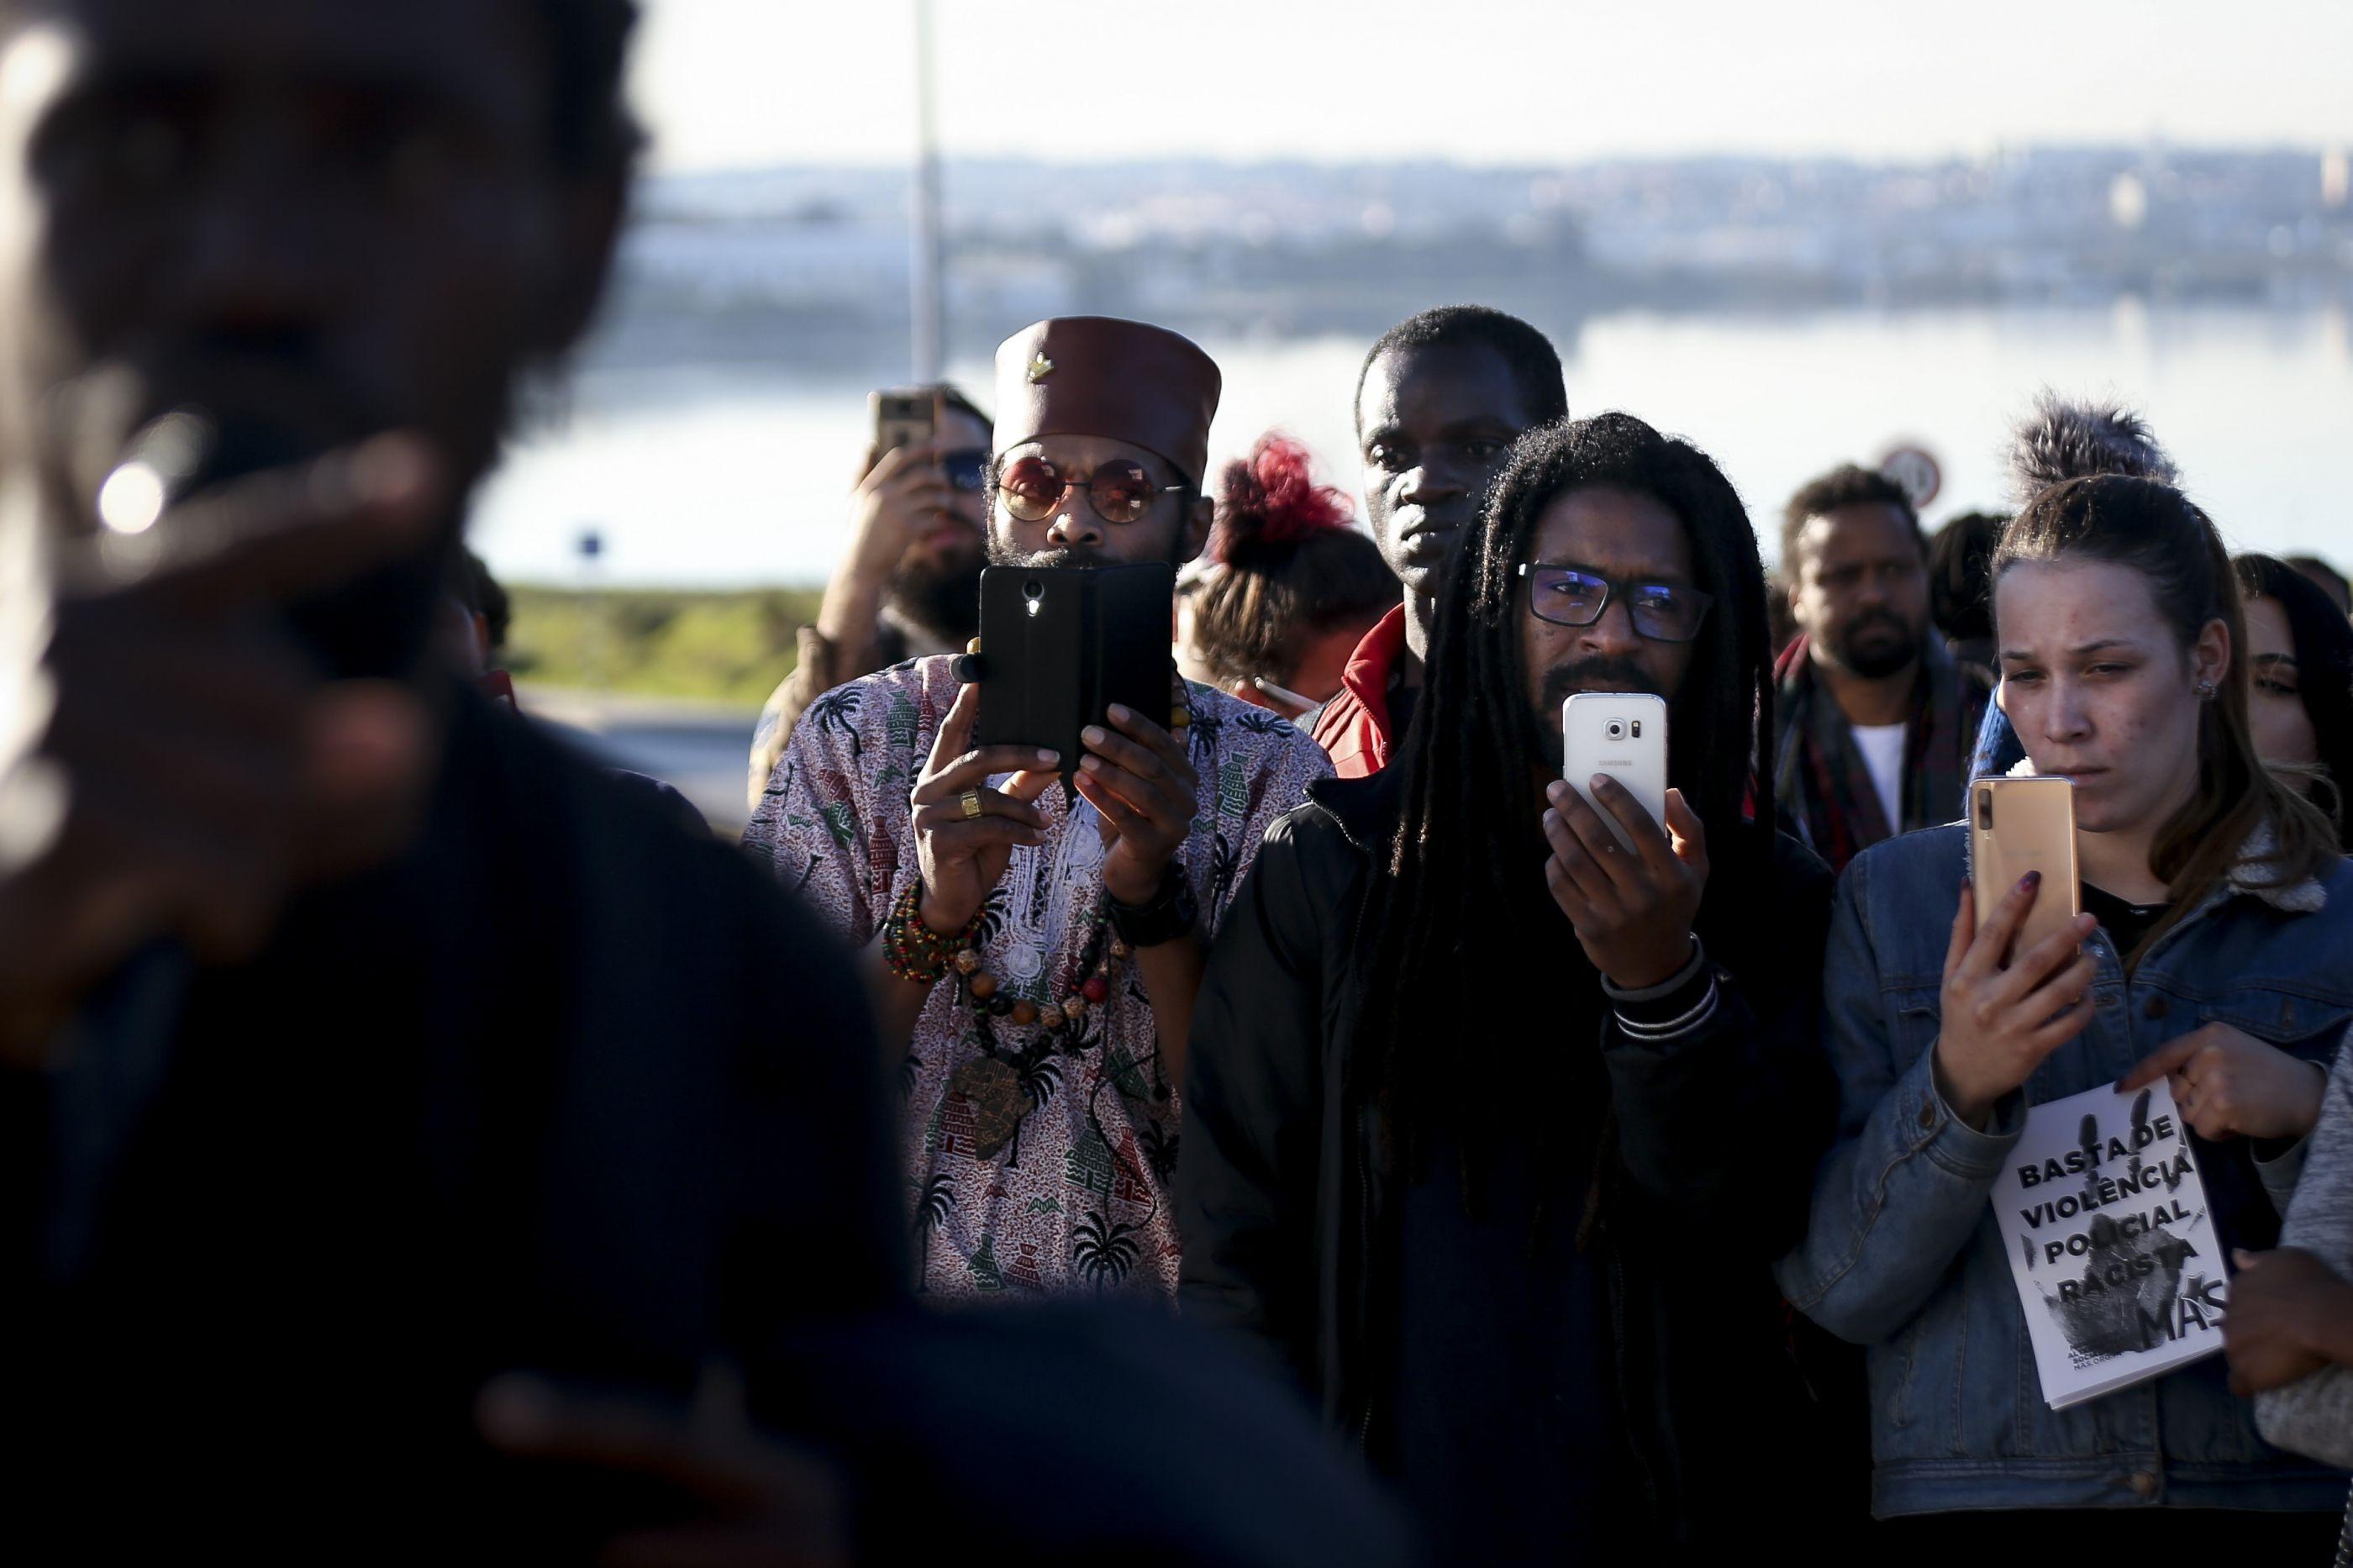 Cerca de 100 pessoas protestam no Seixal contra racismo